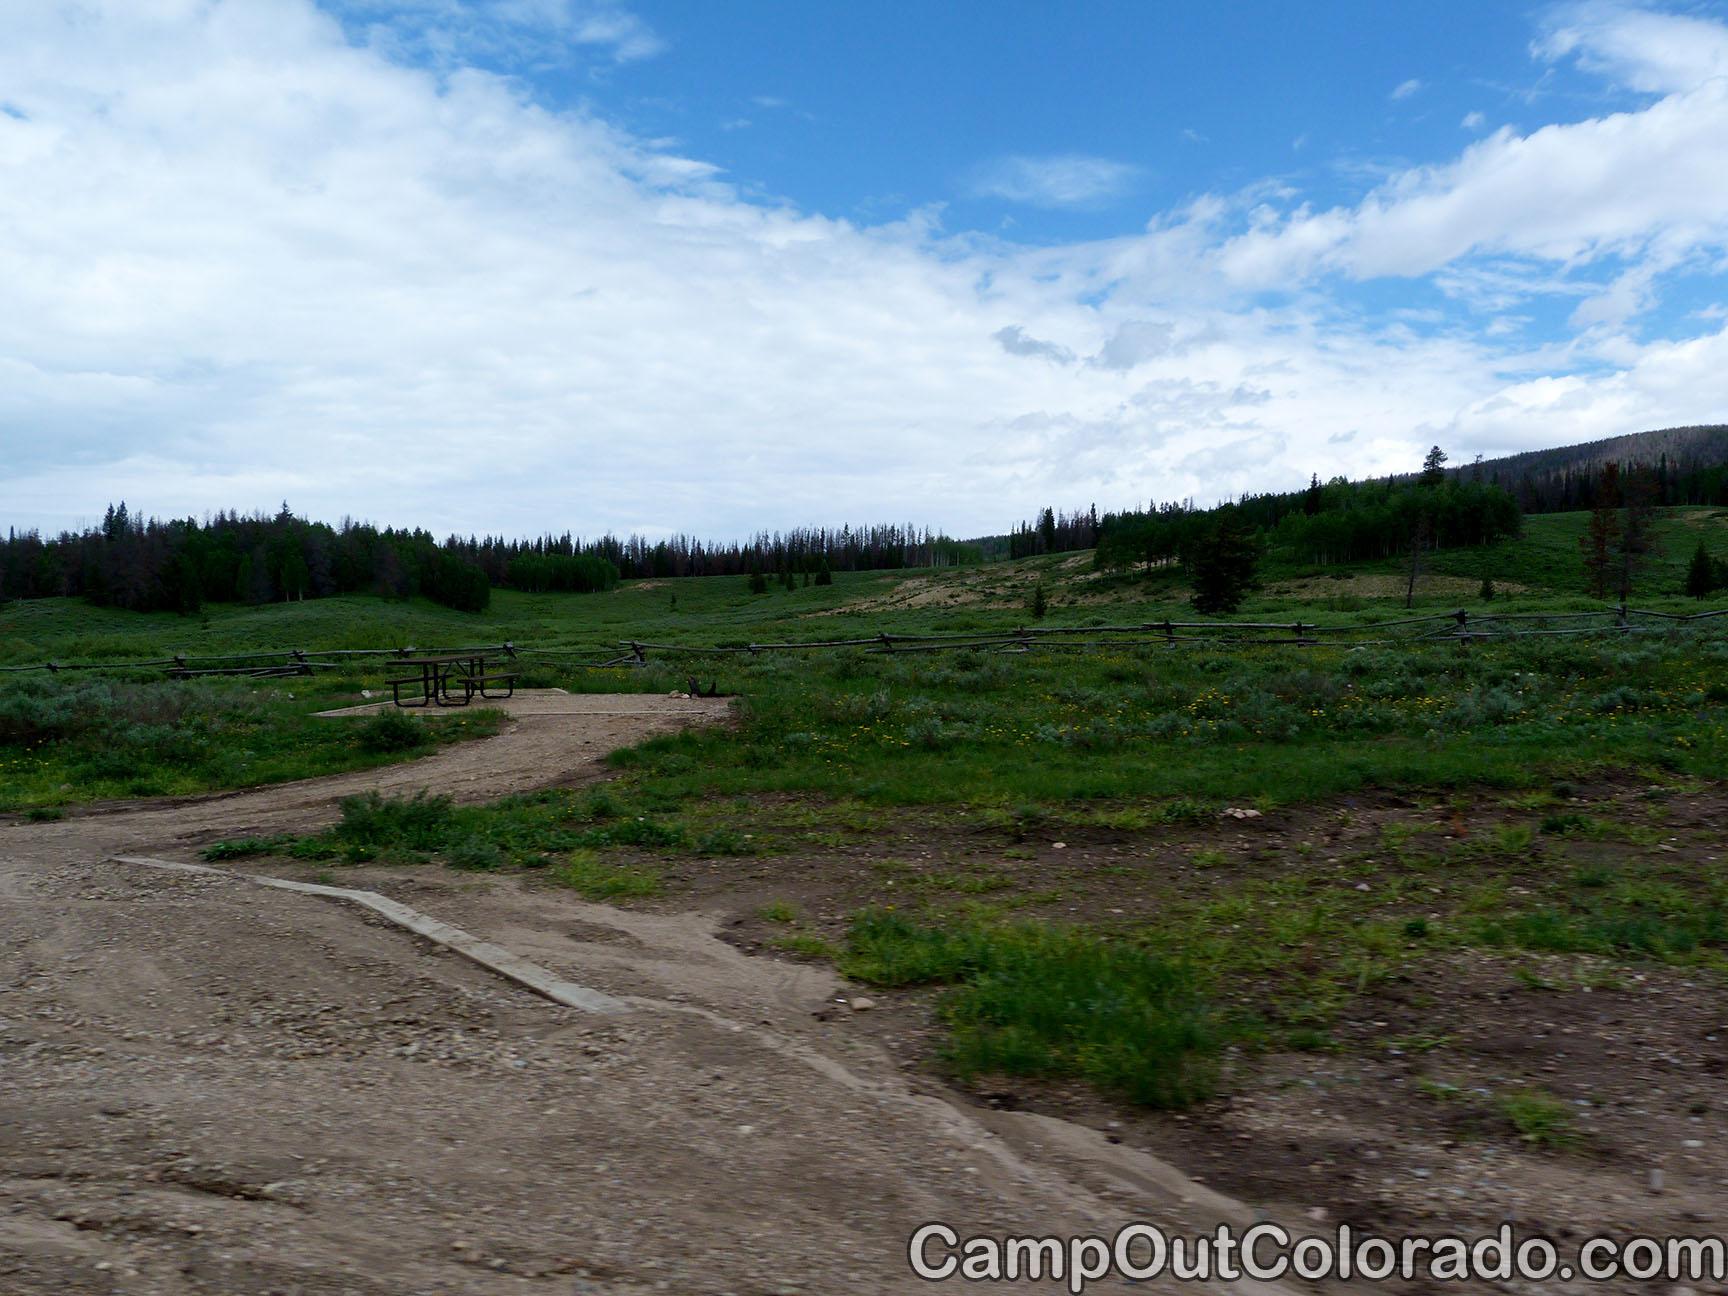 Camp-out-colorado-bockman-campground-rough-road